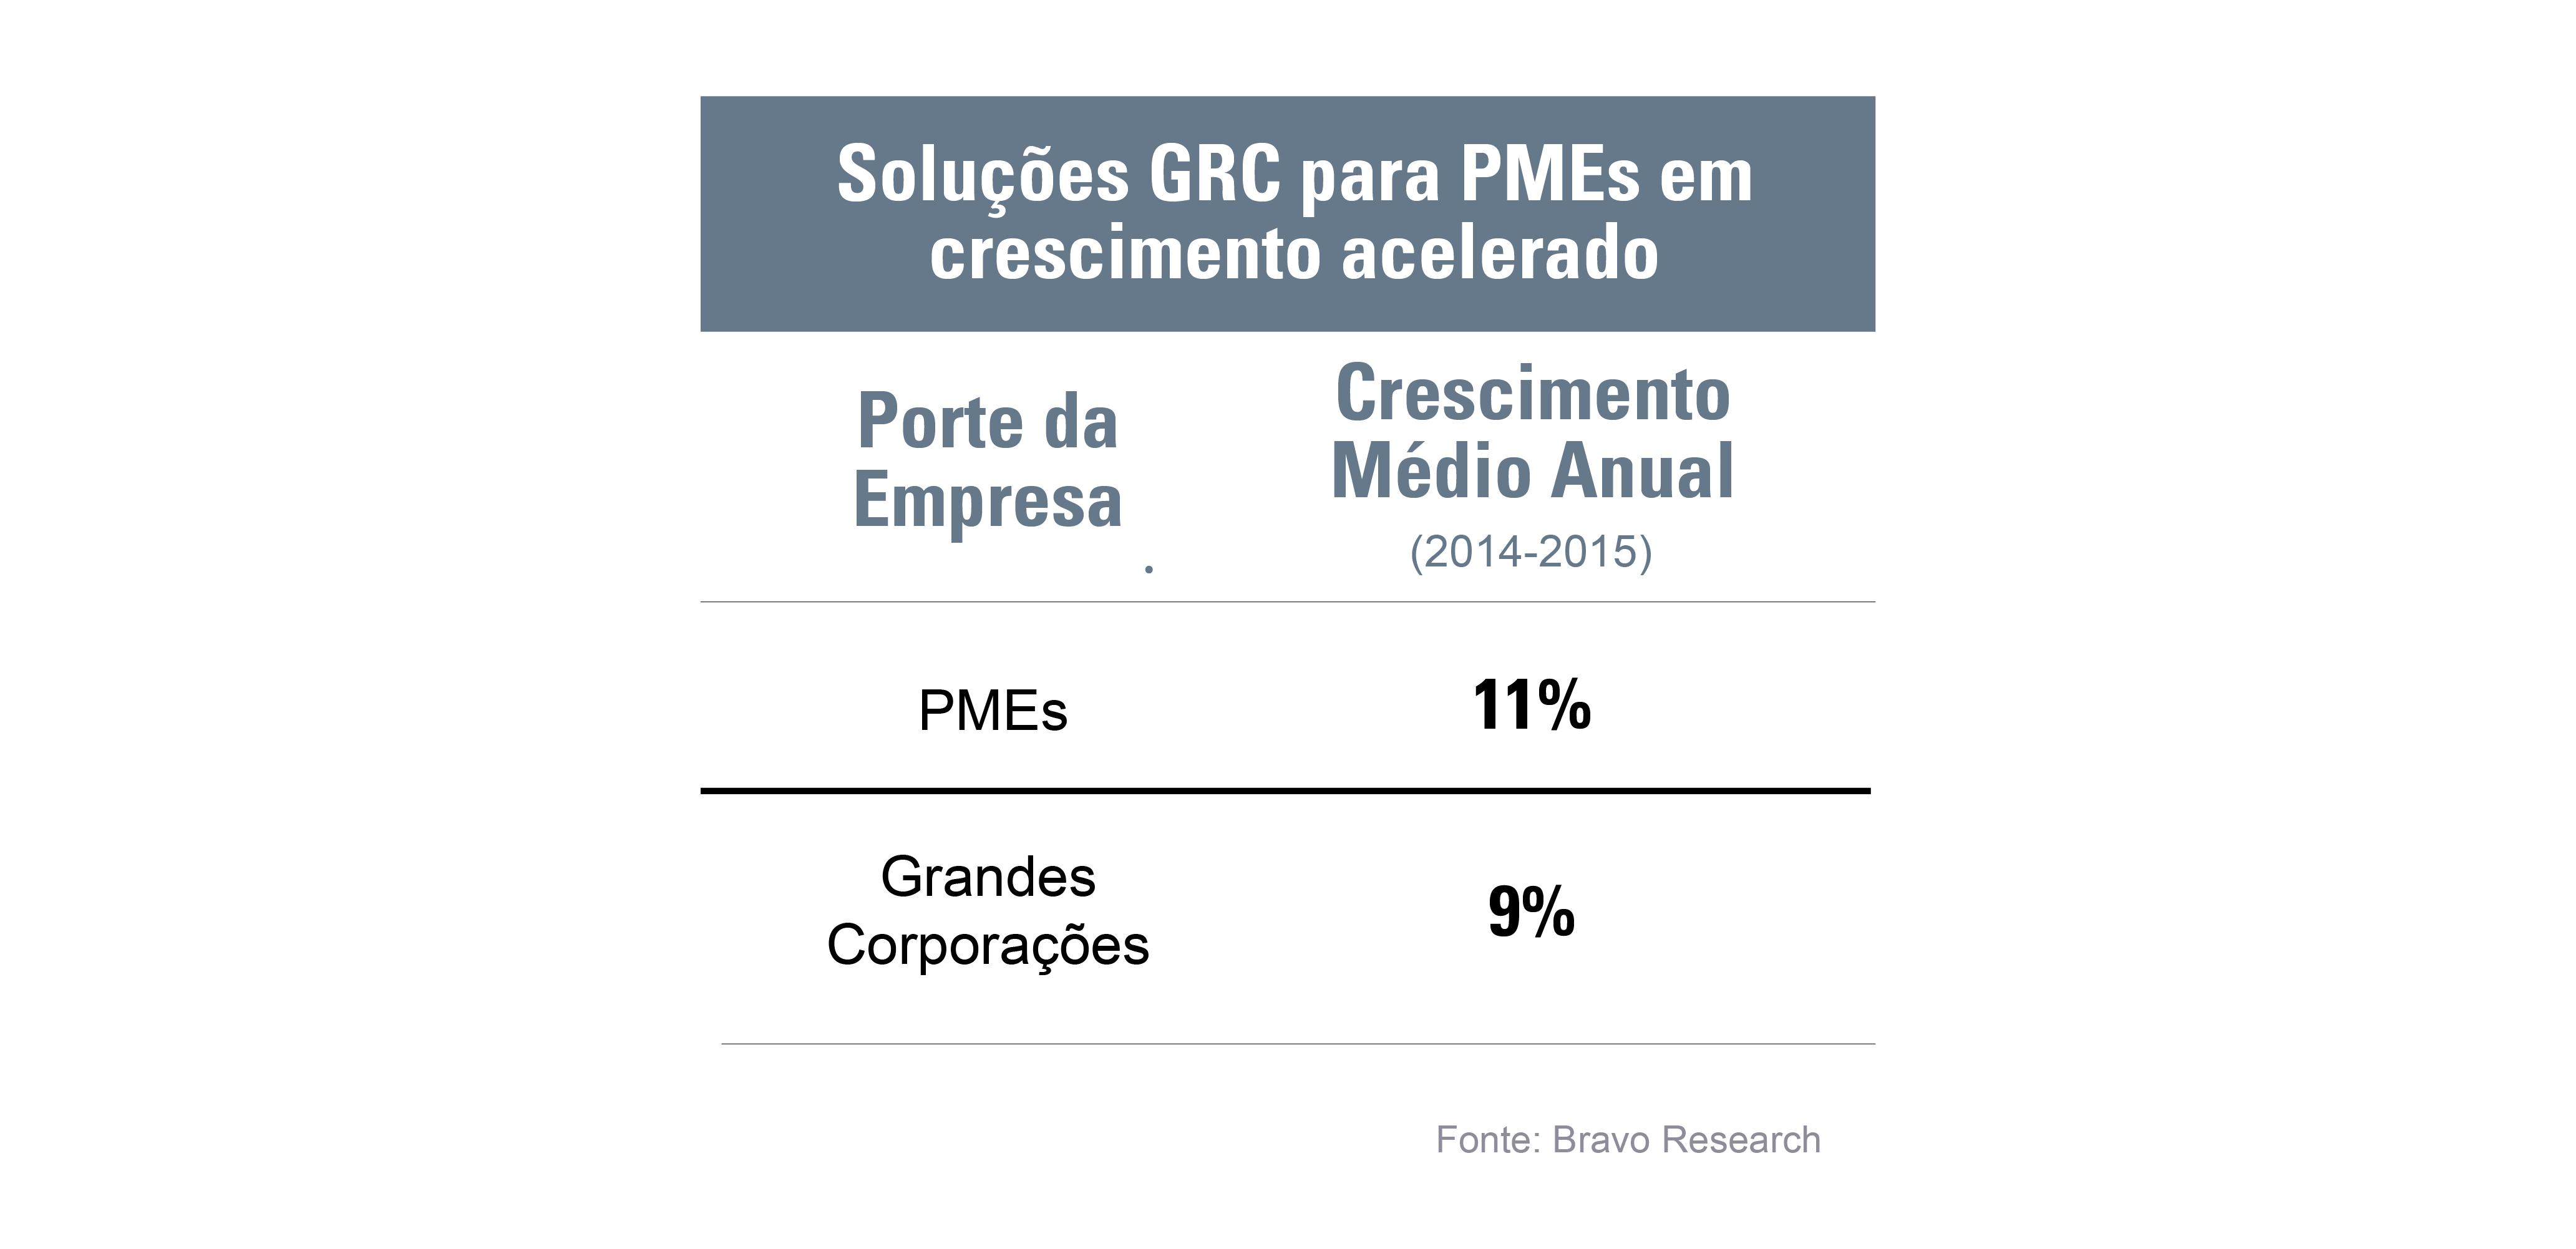 soluções GRC para PMEs